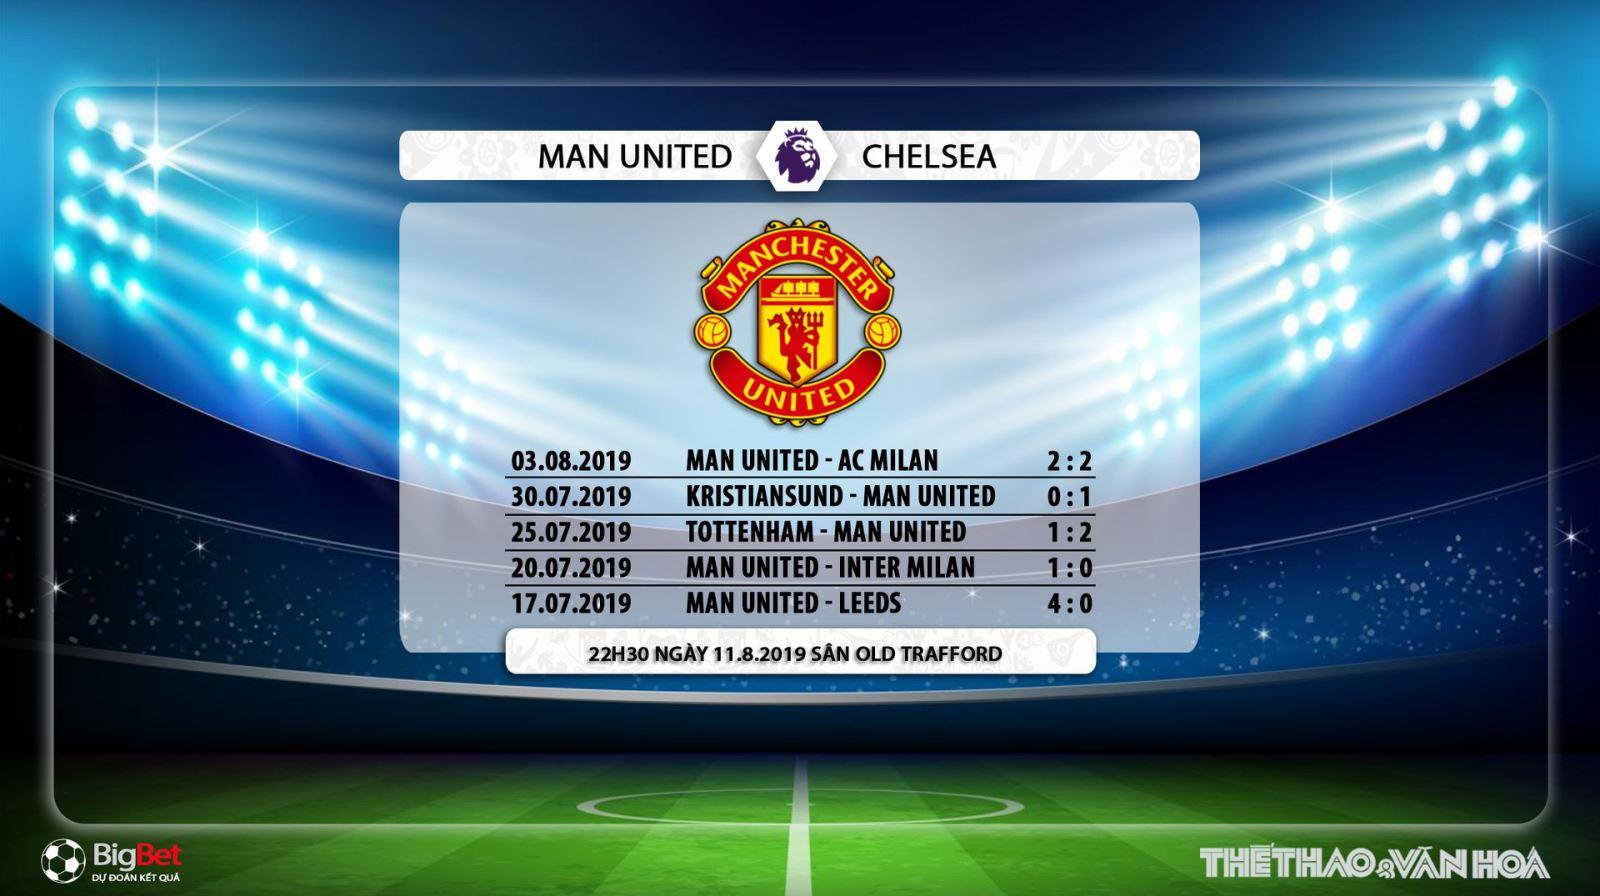 Truc tiep bong da, trực tiếp bóng đá, MU vs Chelsea, trực tiếp MU đấu với Chelsea, trực tiếp bóng đá Anh, bóng đá trực tuyến, ngoại hạng Anh, trực tiếp bóng đá K+